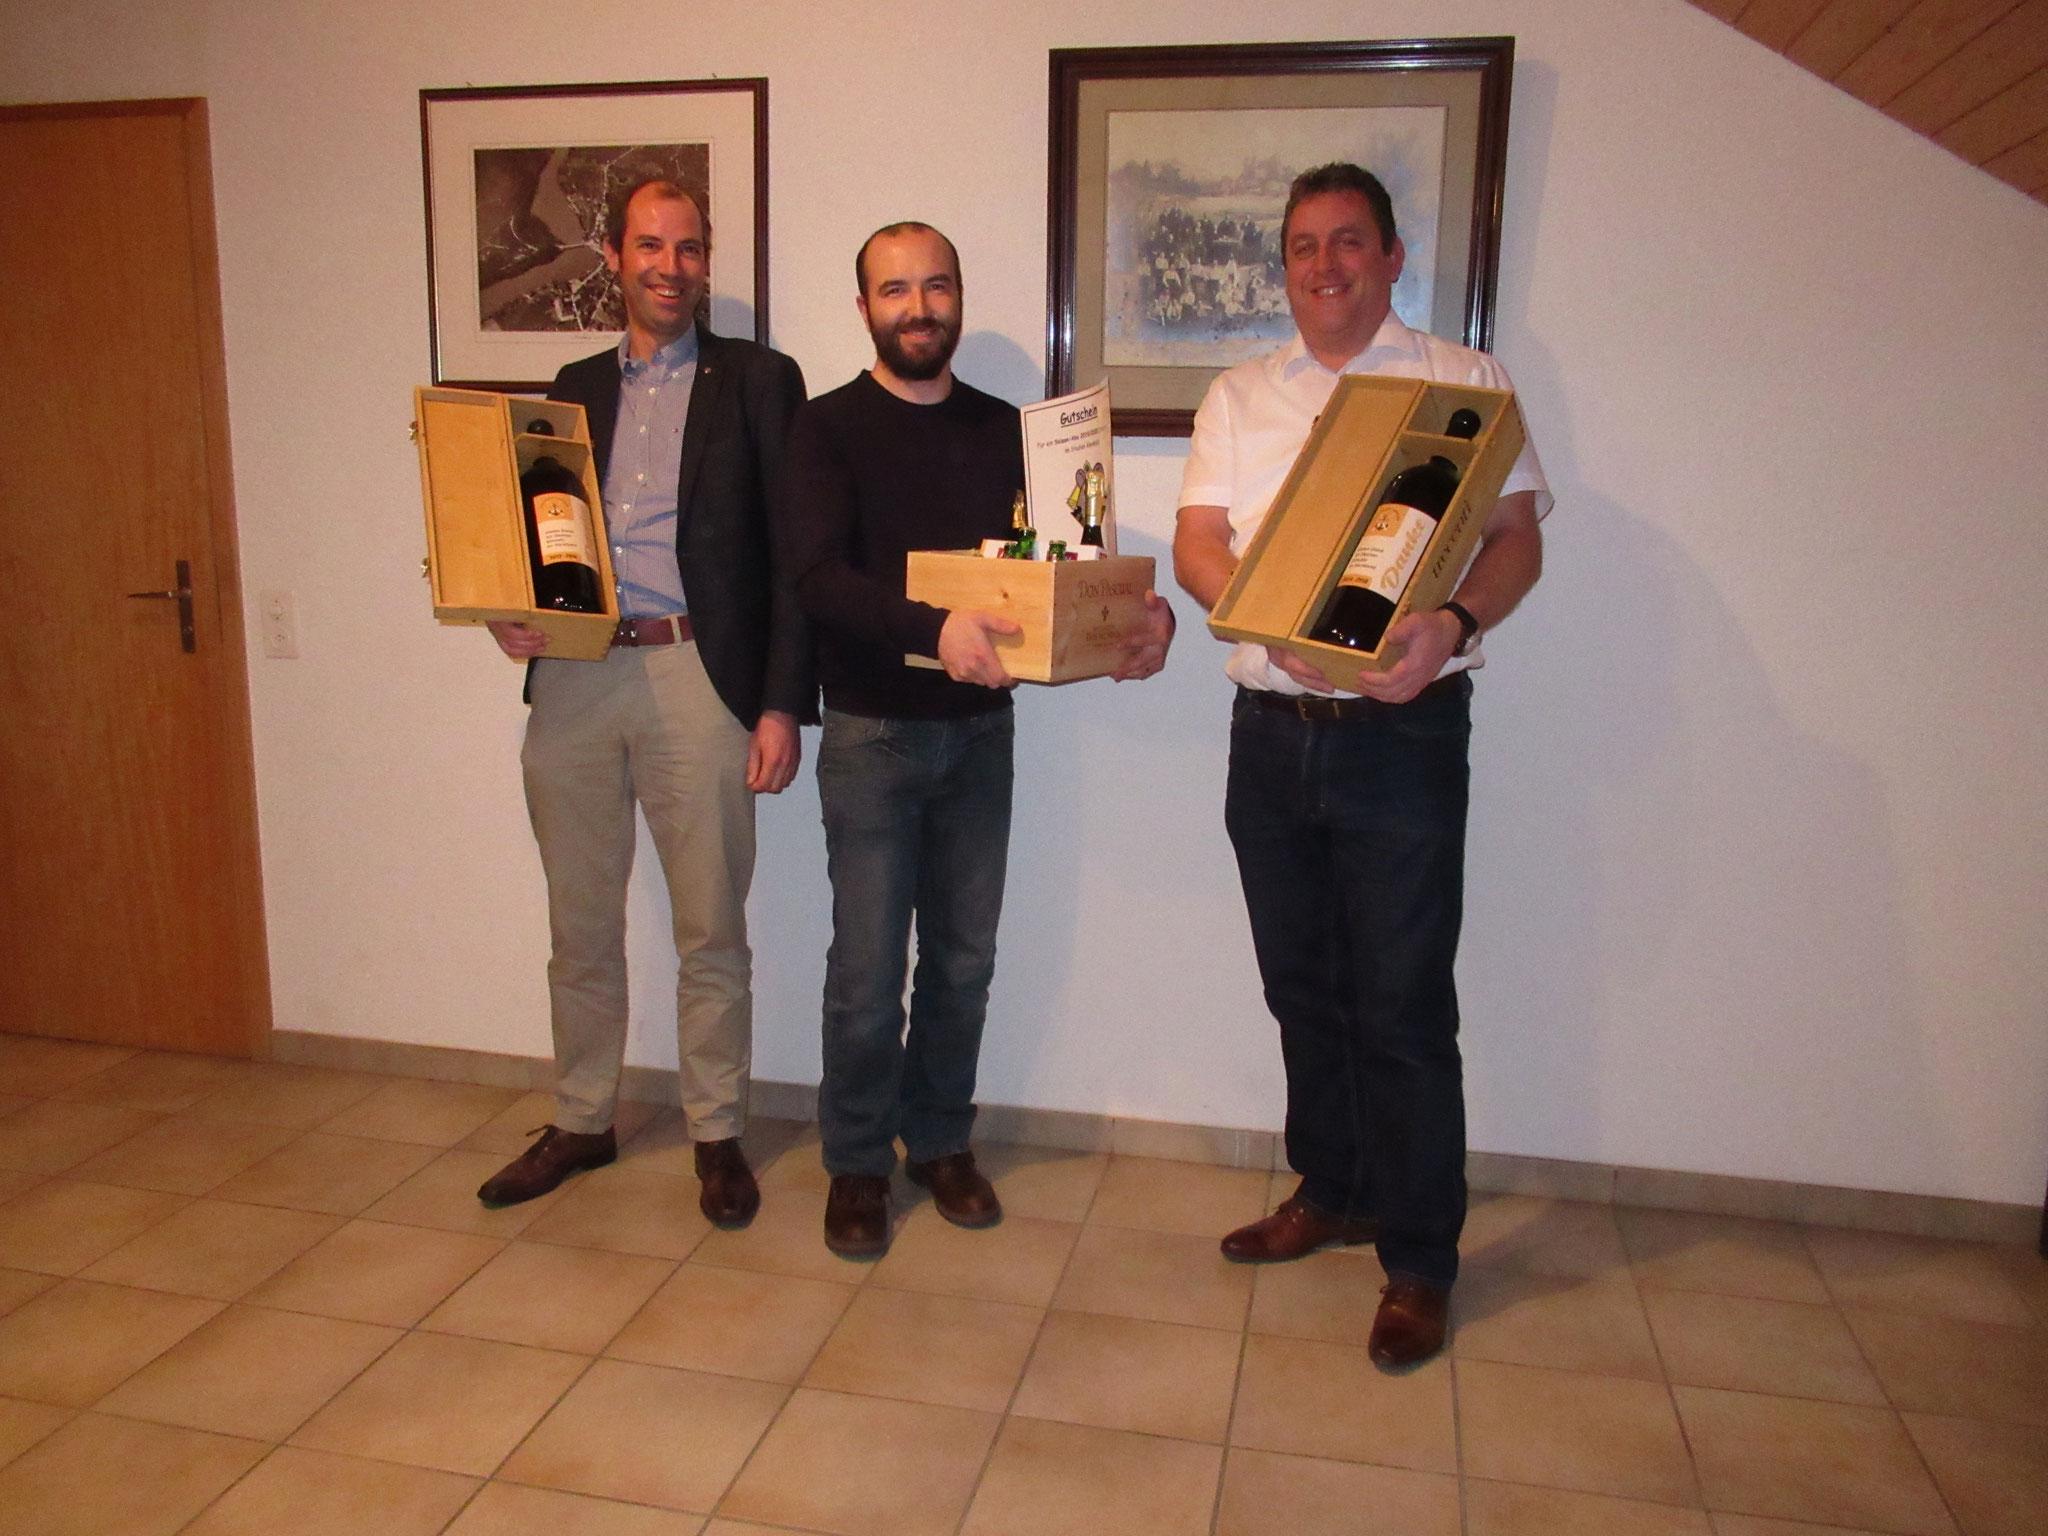 Die aus dem Vorstand verabschiedeten Kameraden: Daniel Bucher, Michel Roos und Martin Bühler.